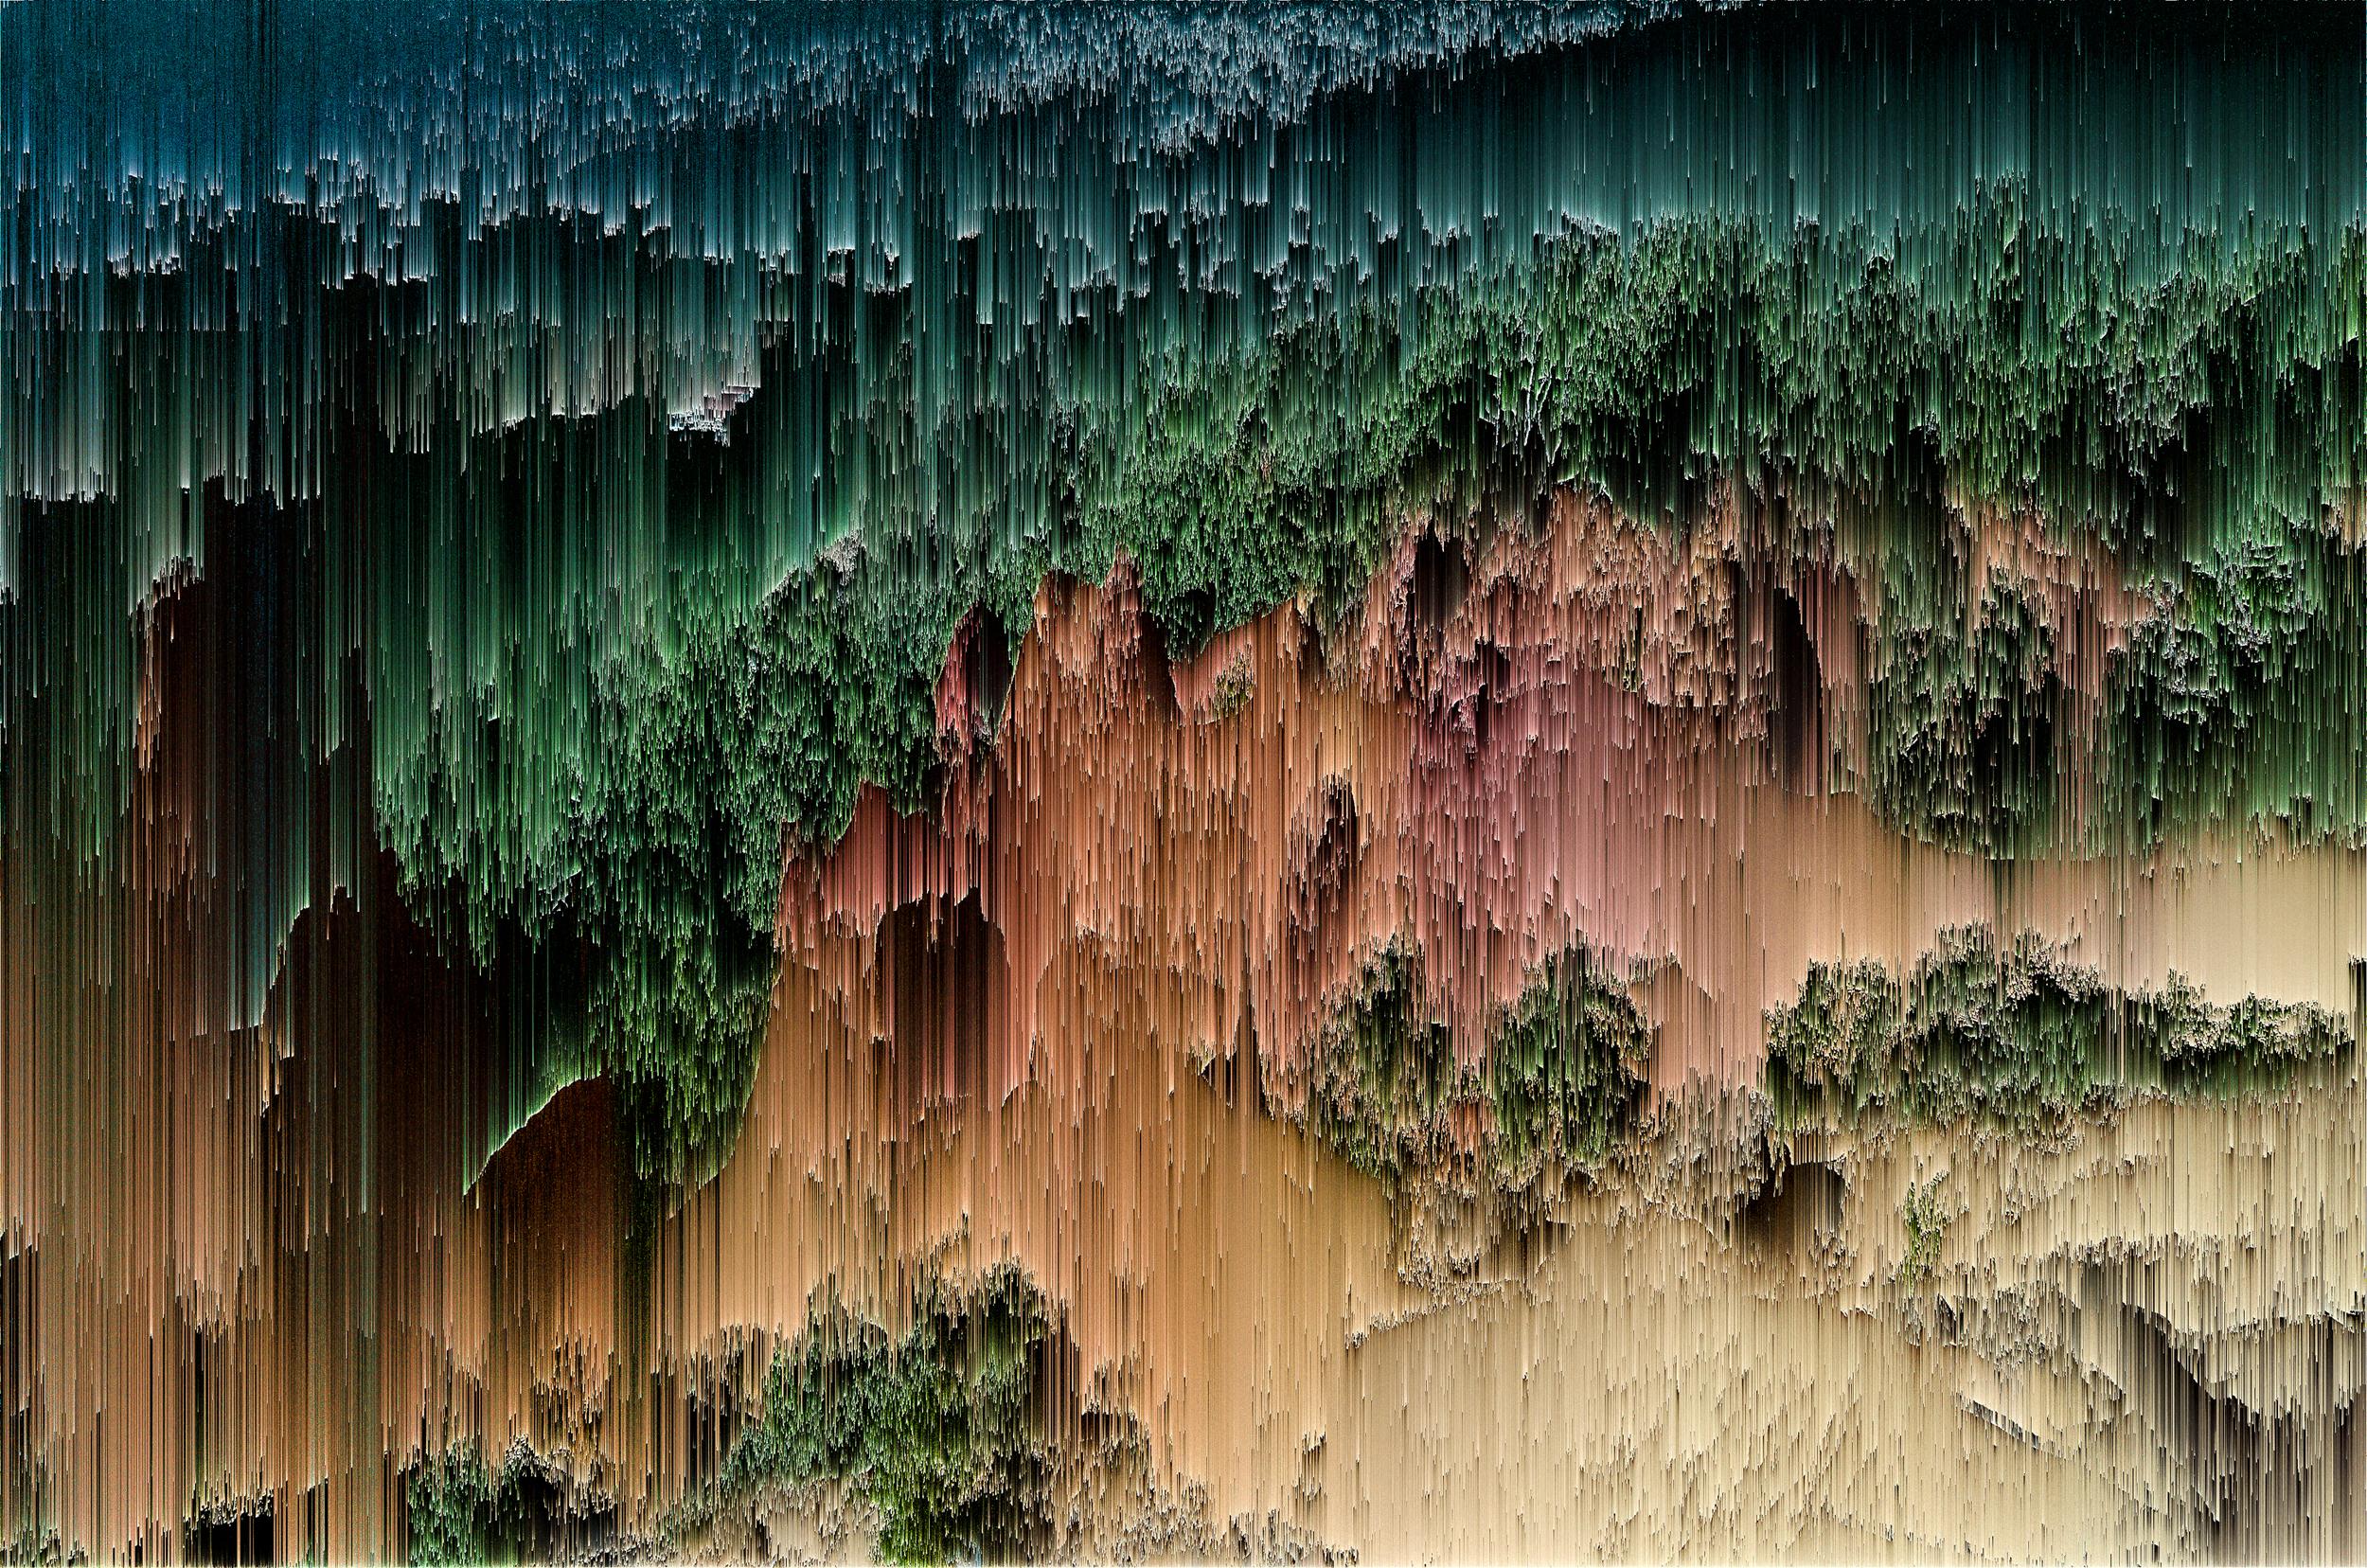 alban_guerry-suire_pixel_sorting-017.jpg